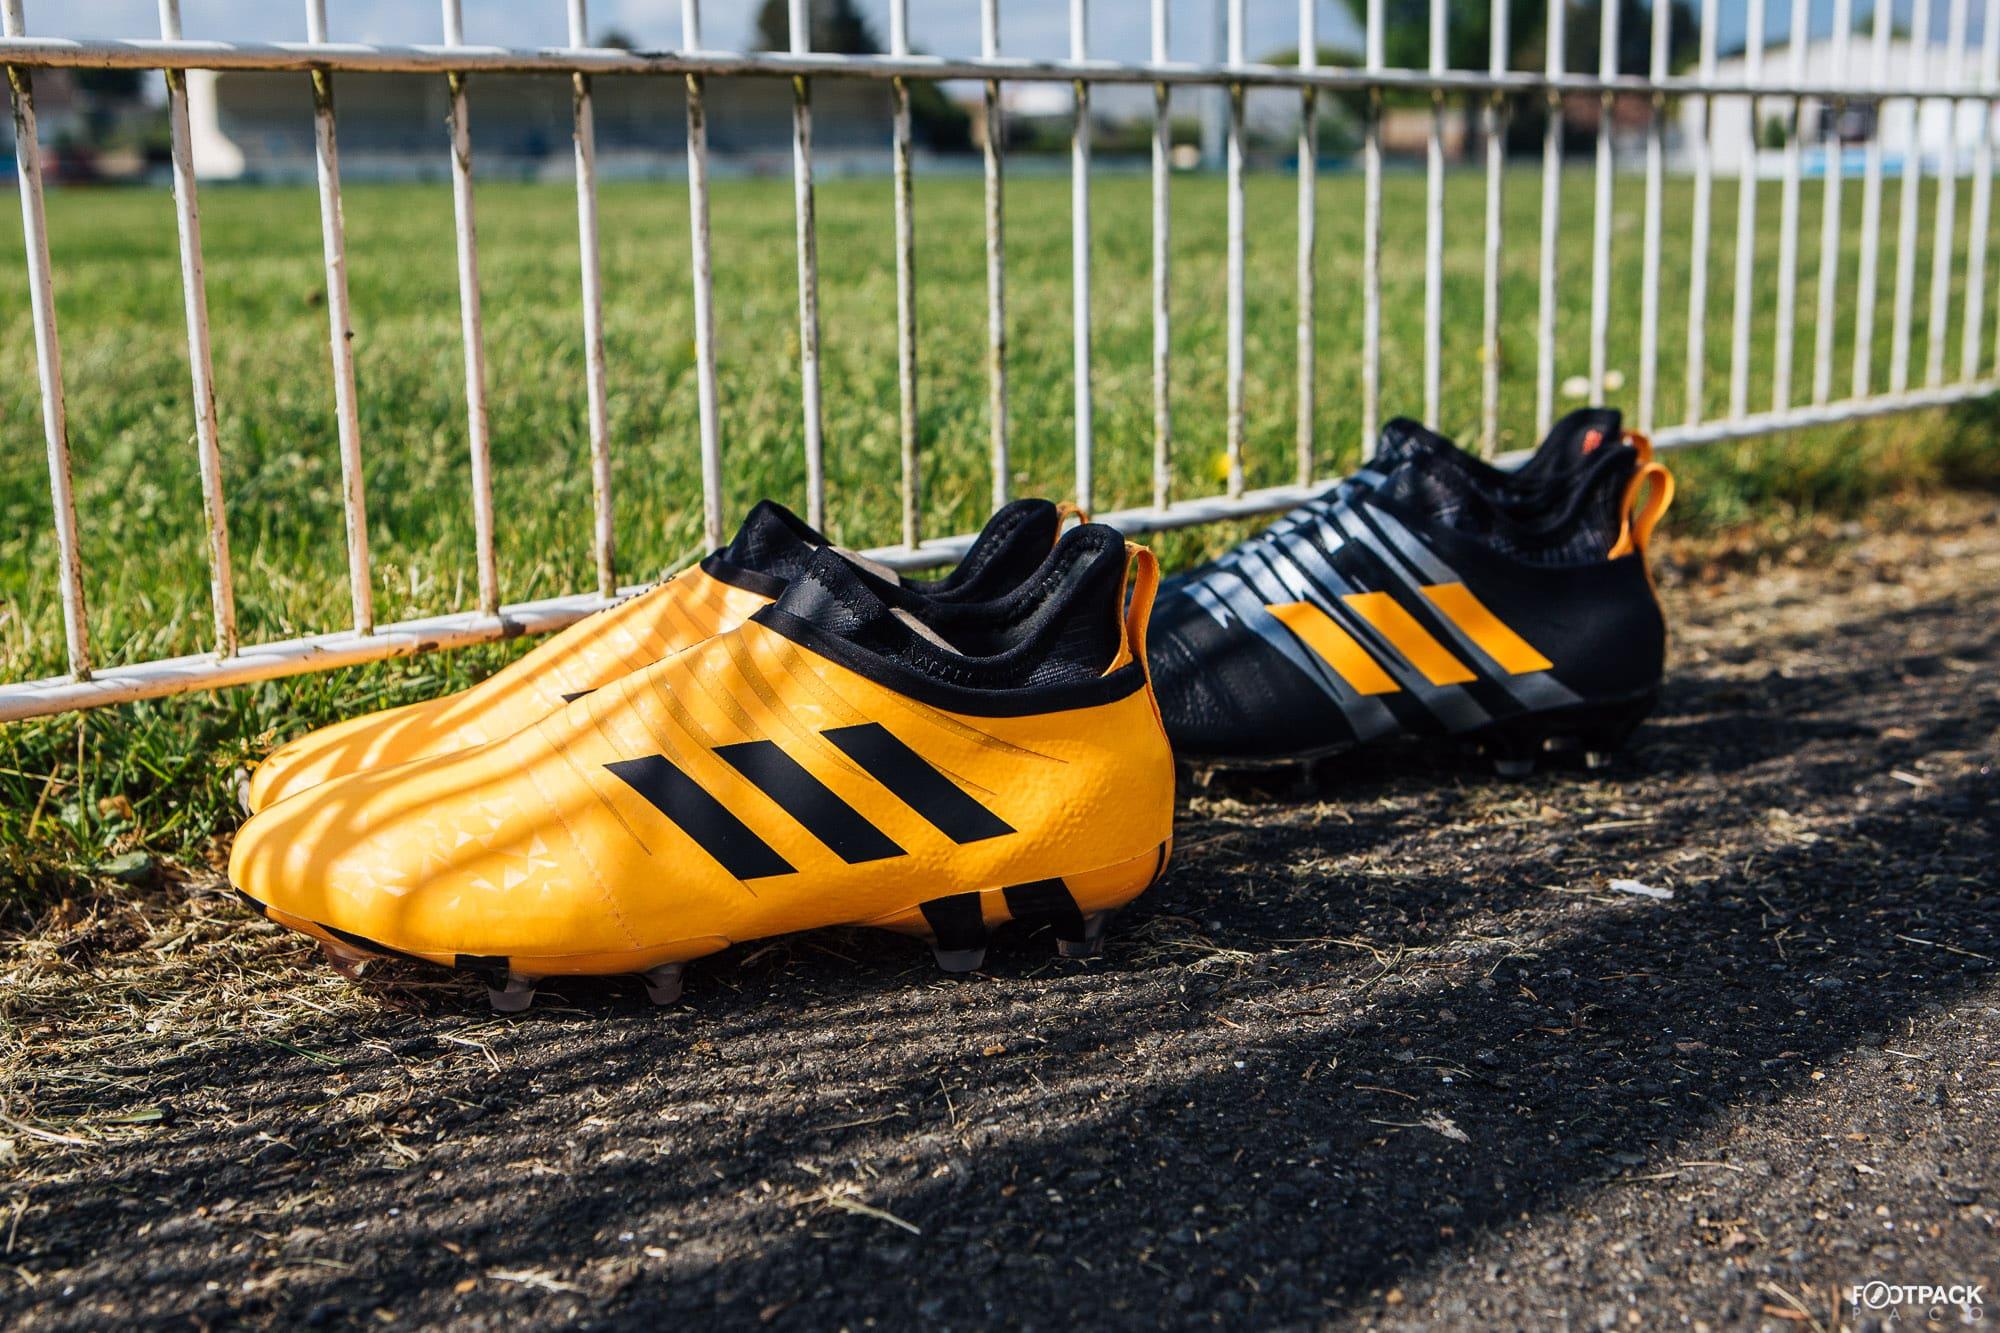 Adidas-Glitch-Sol-1